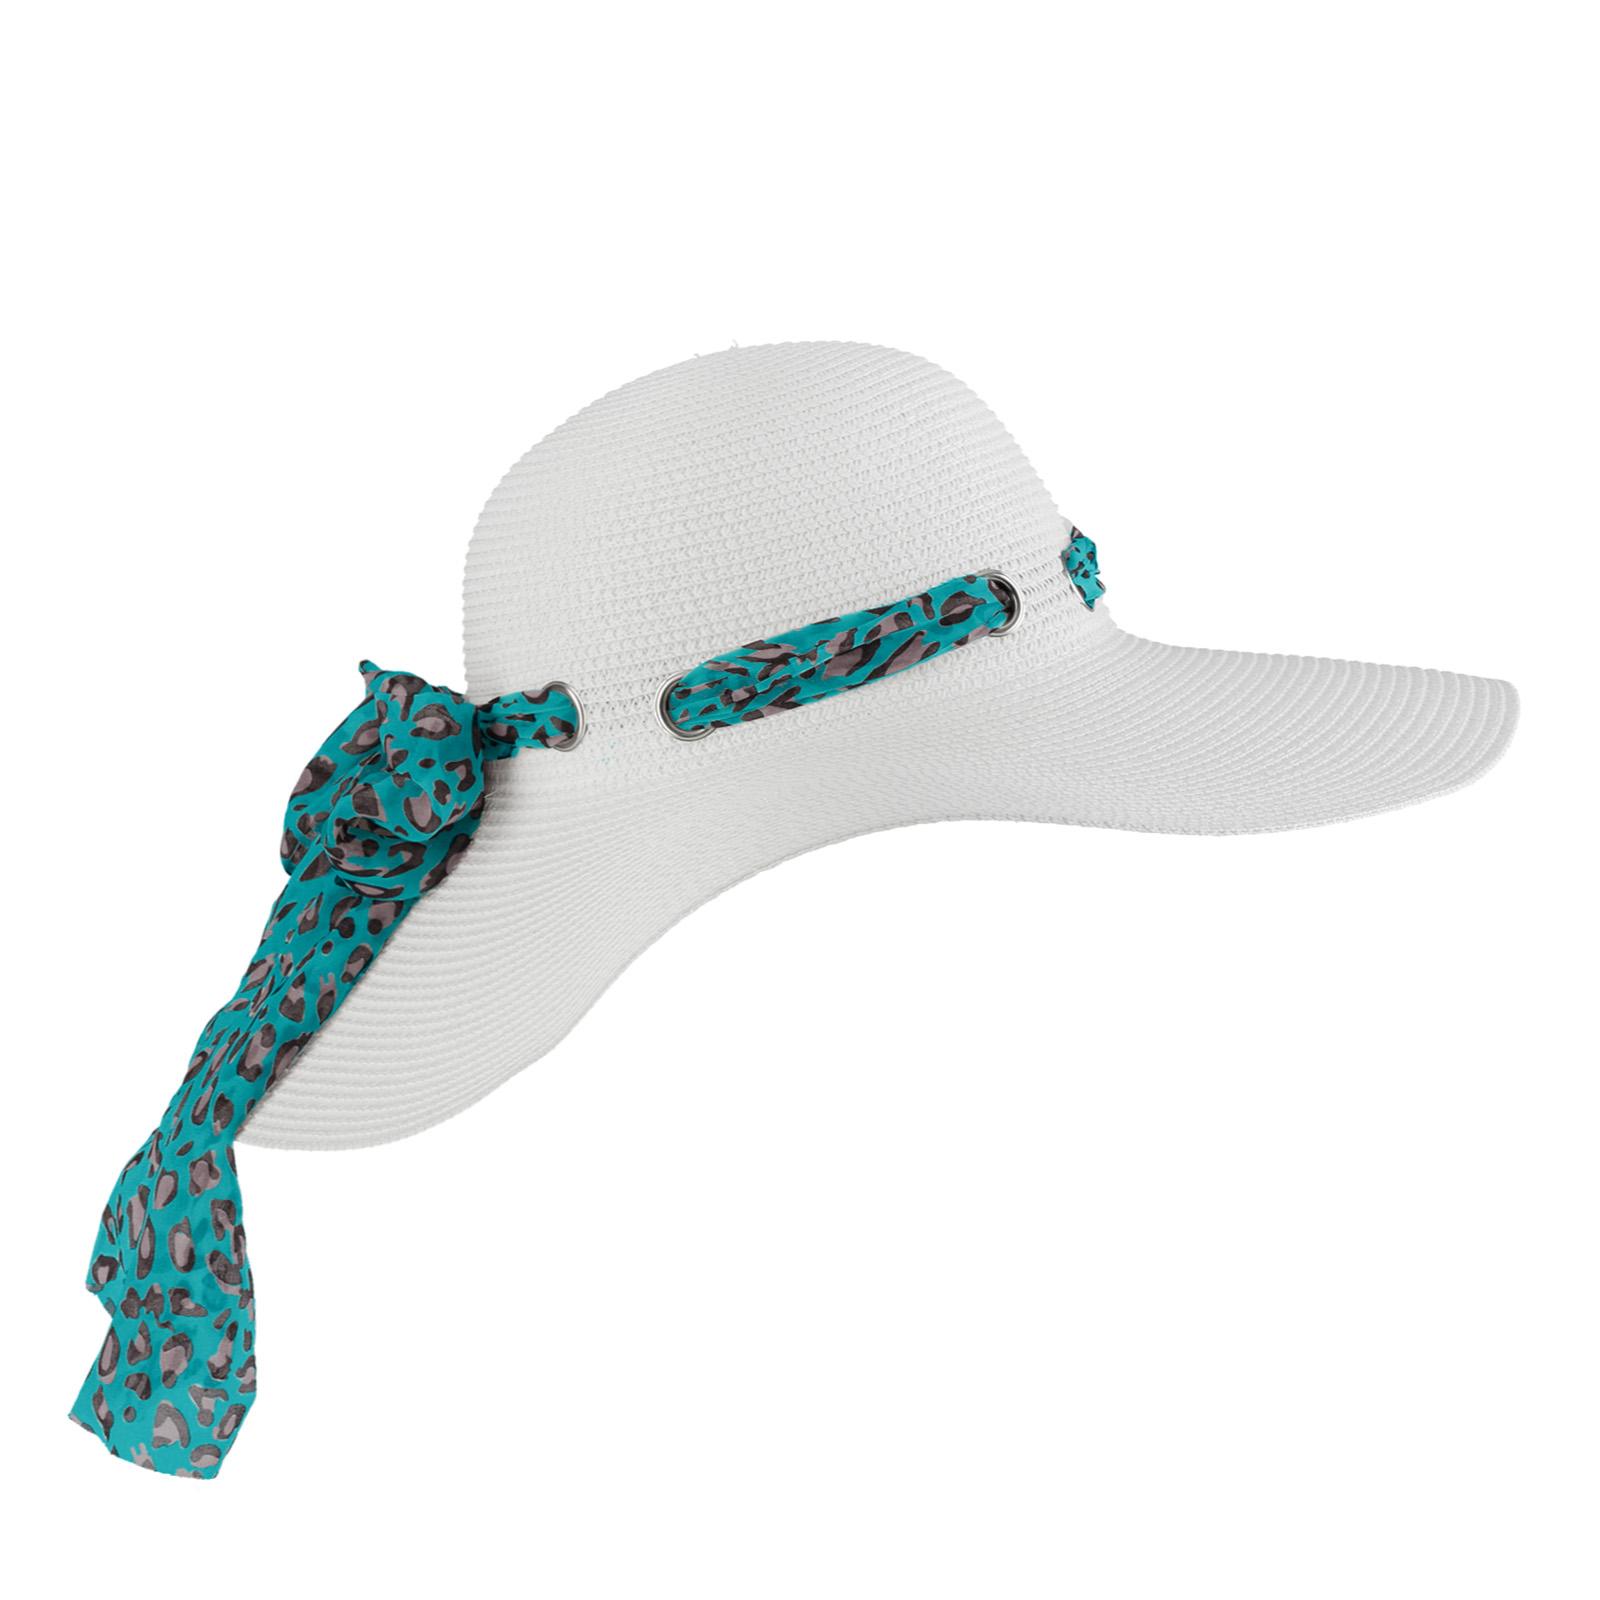 CP-00838-blanc-canard-F16-capeline-femme-oeillets-ruban-leopard-vert